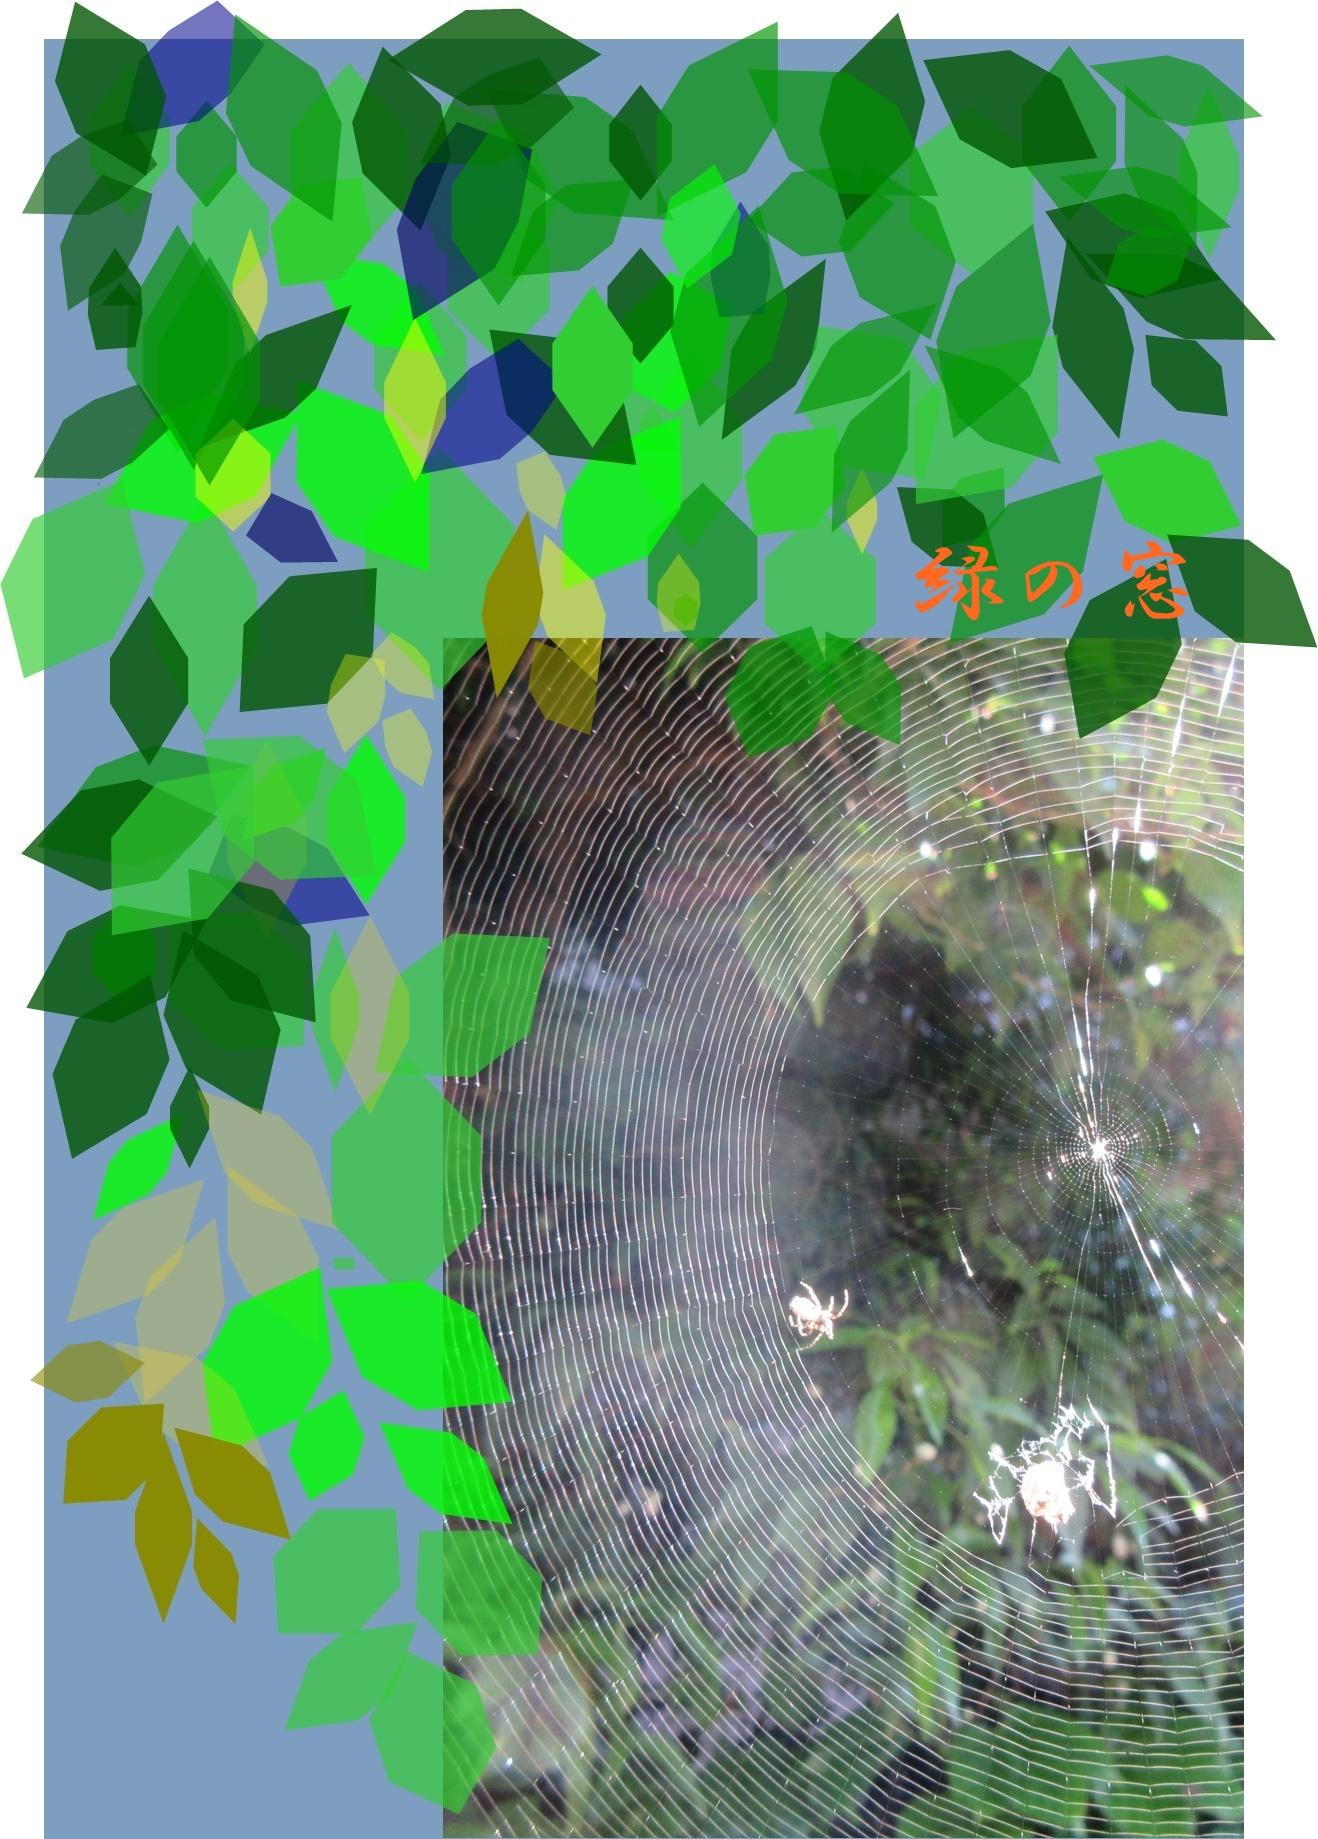 蜘蛛の巣 みどりの窓 浅見さん